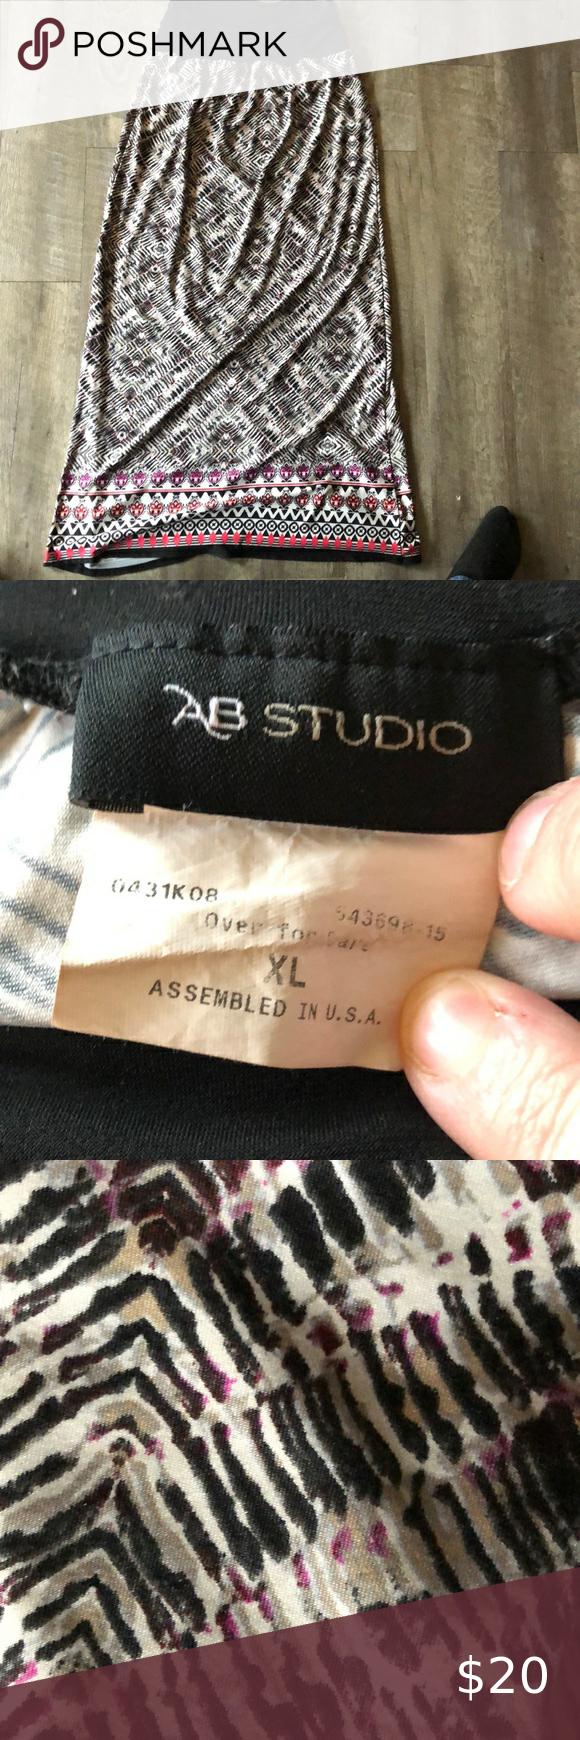 Full length skirt Skirt AB Studio Skirts A-Line or Full #myposhpicks